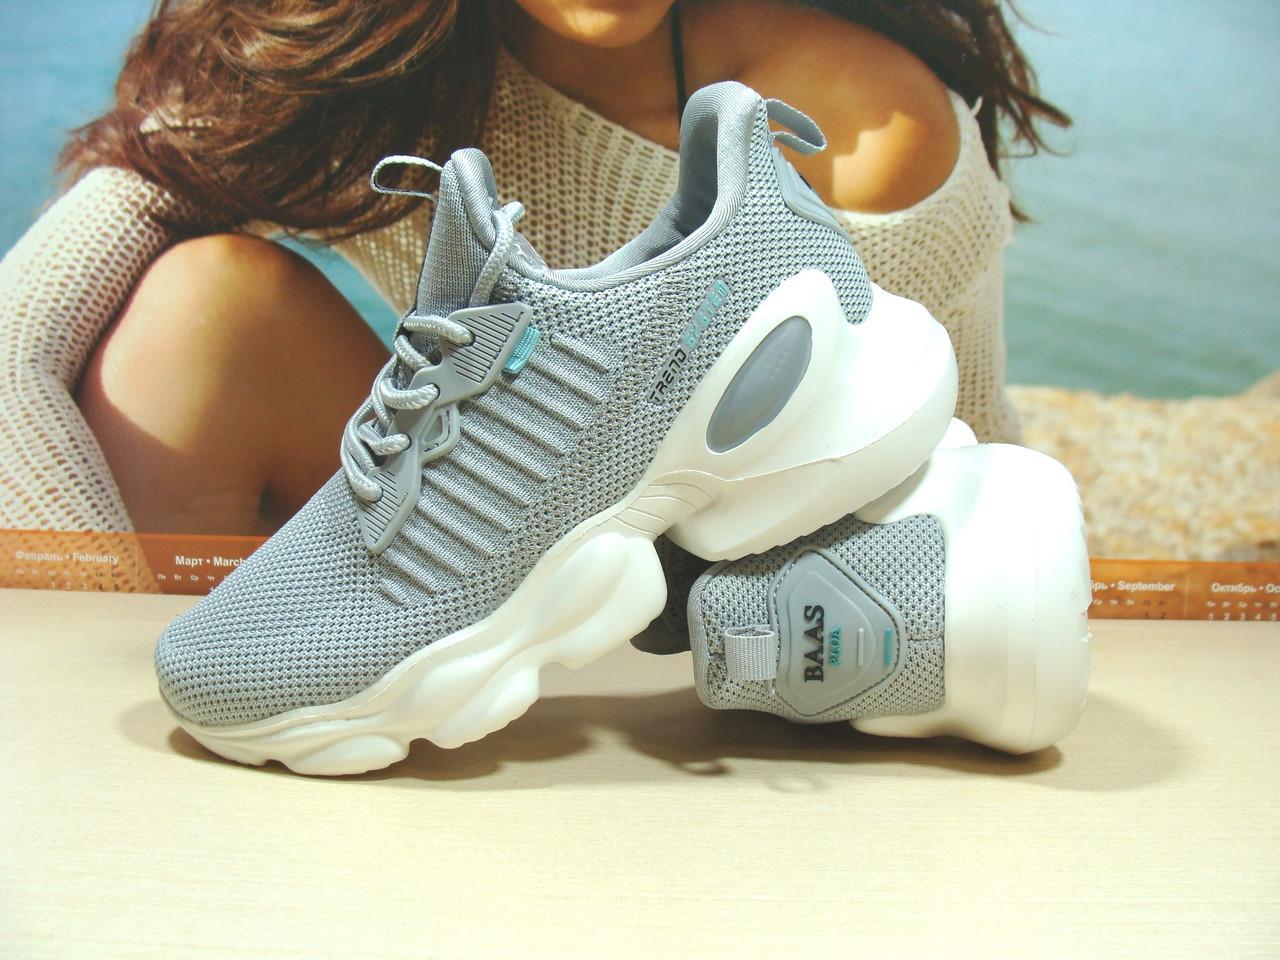 Жіночі кросівки BaaS Trend System - 2 сірі 39 р.